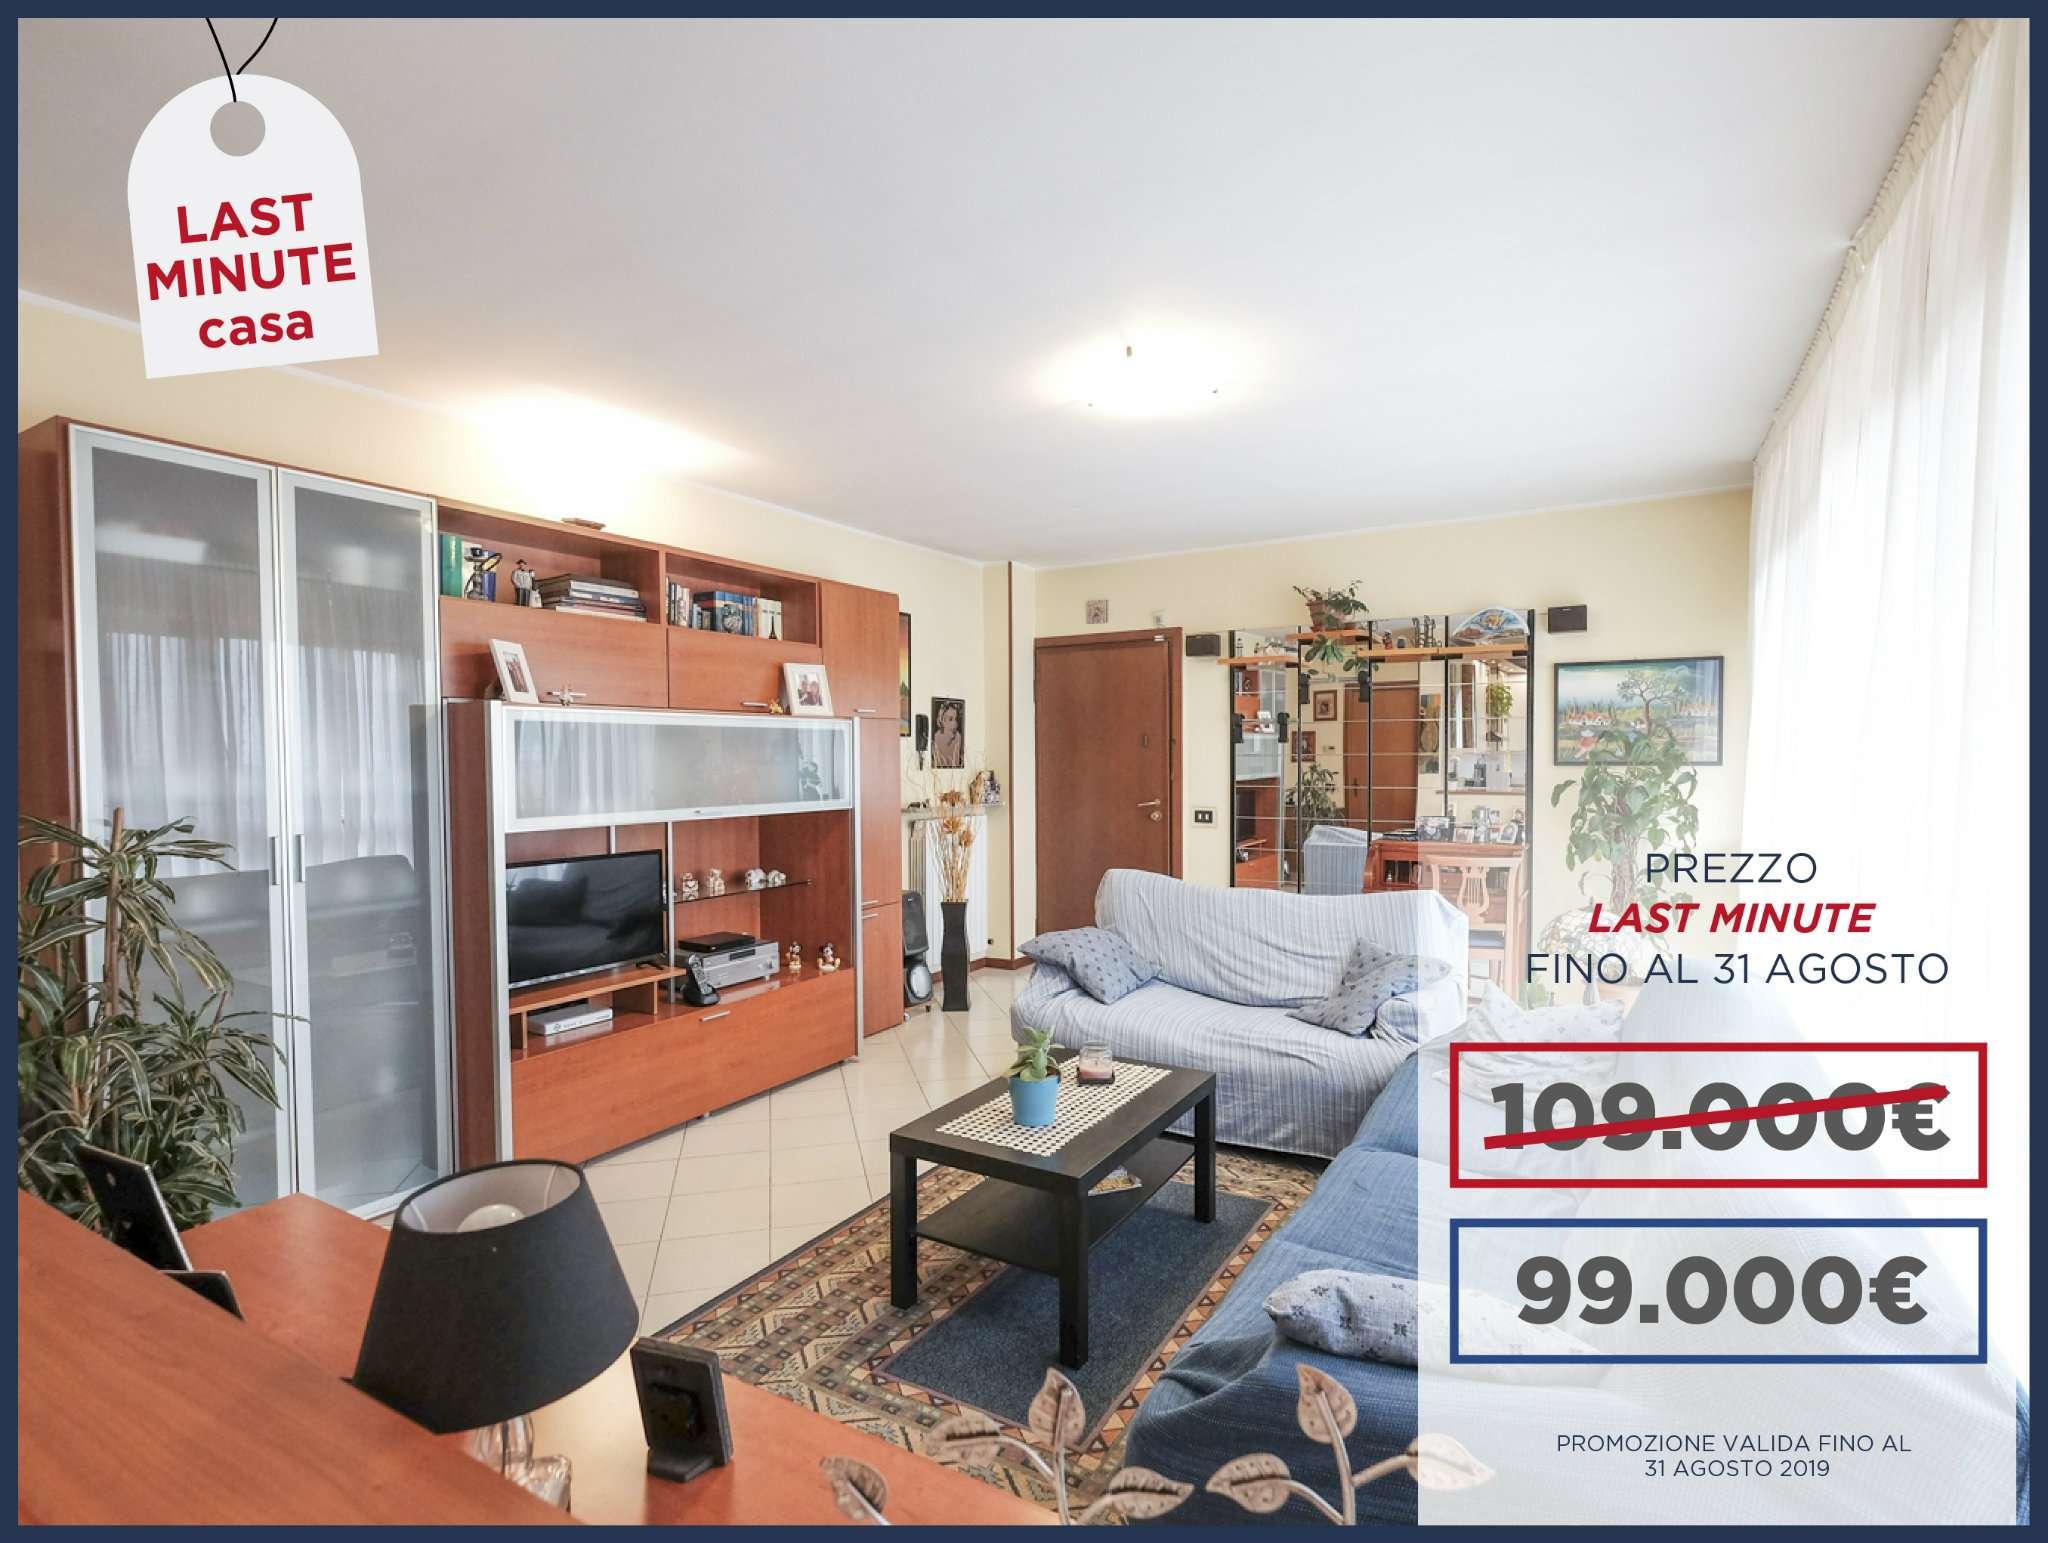 Appartamento in vendita a Chignolo d'Isola, 3 locali, prezzo € 99.000 | PortaleAgenzieImmobiliari.it